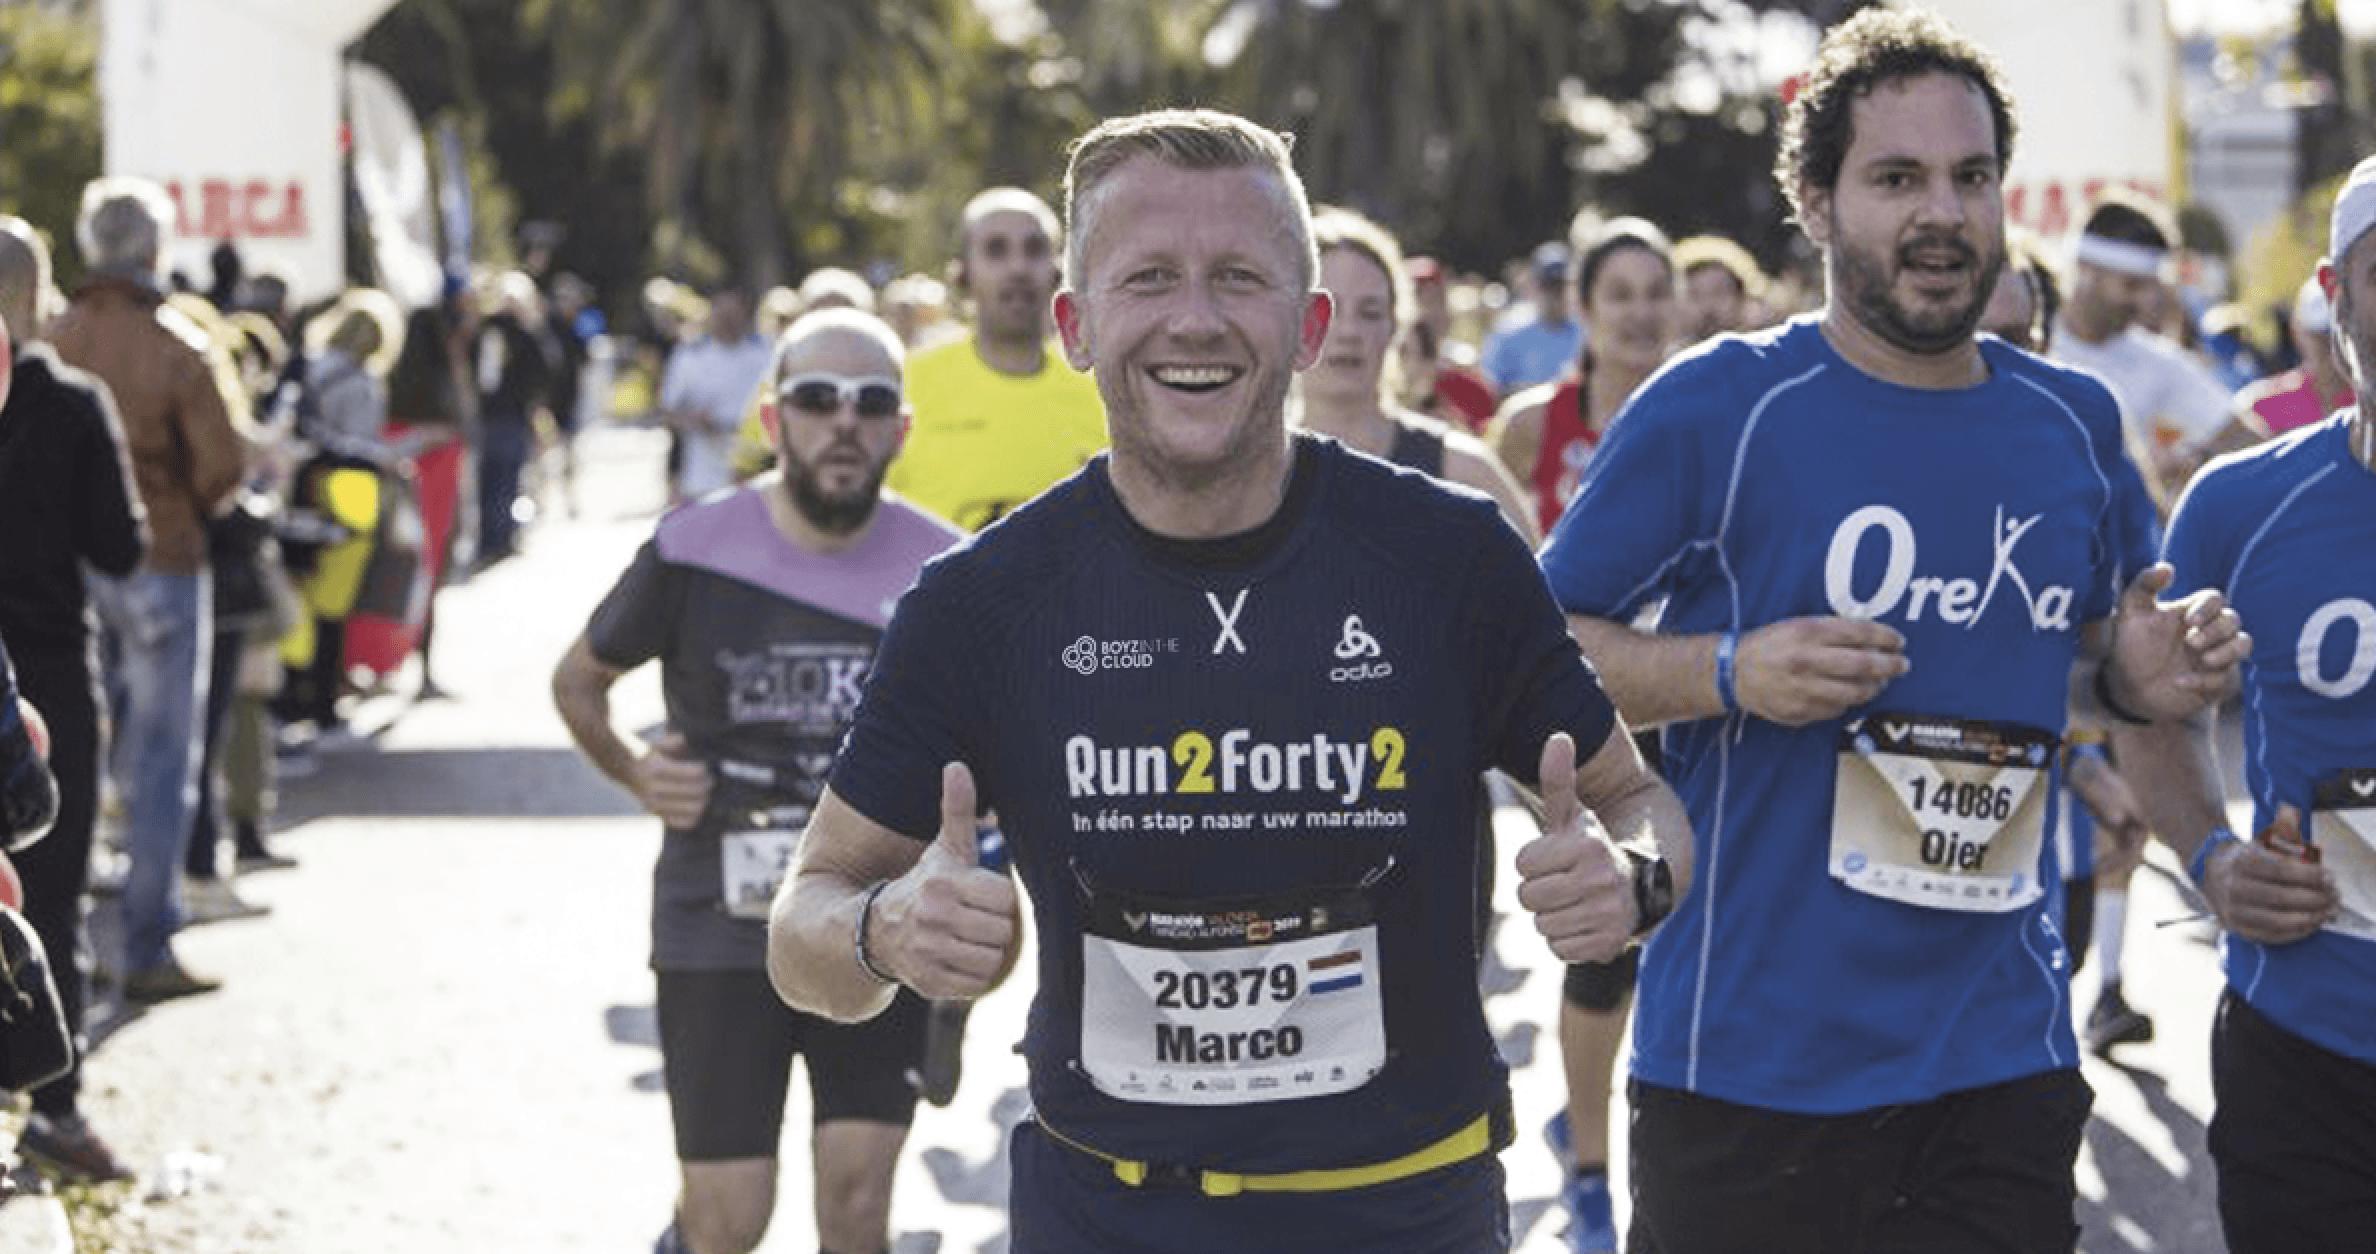 Wist Je Dat… Wij Jouw Apparatuur Klaarstomen Voor Een Marathon?